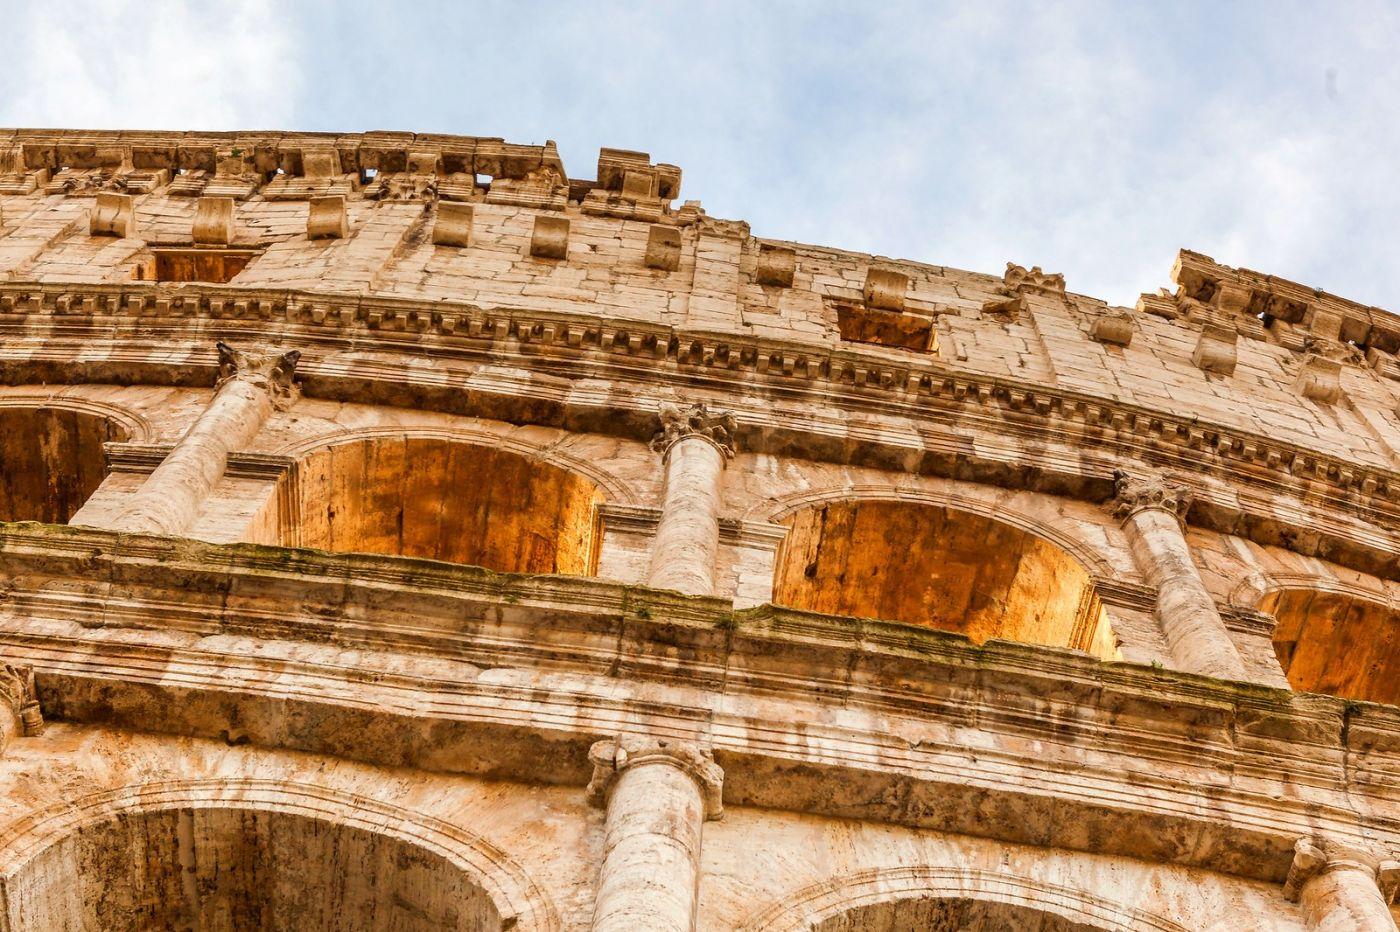 罗马斗兽场(Colosseum), 两千年的宏大建筑古迹_图1-17